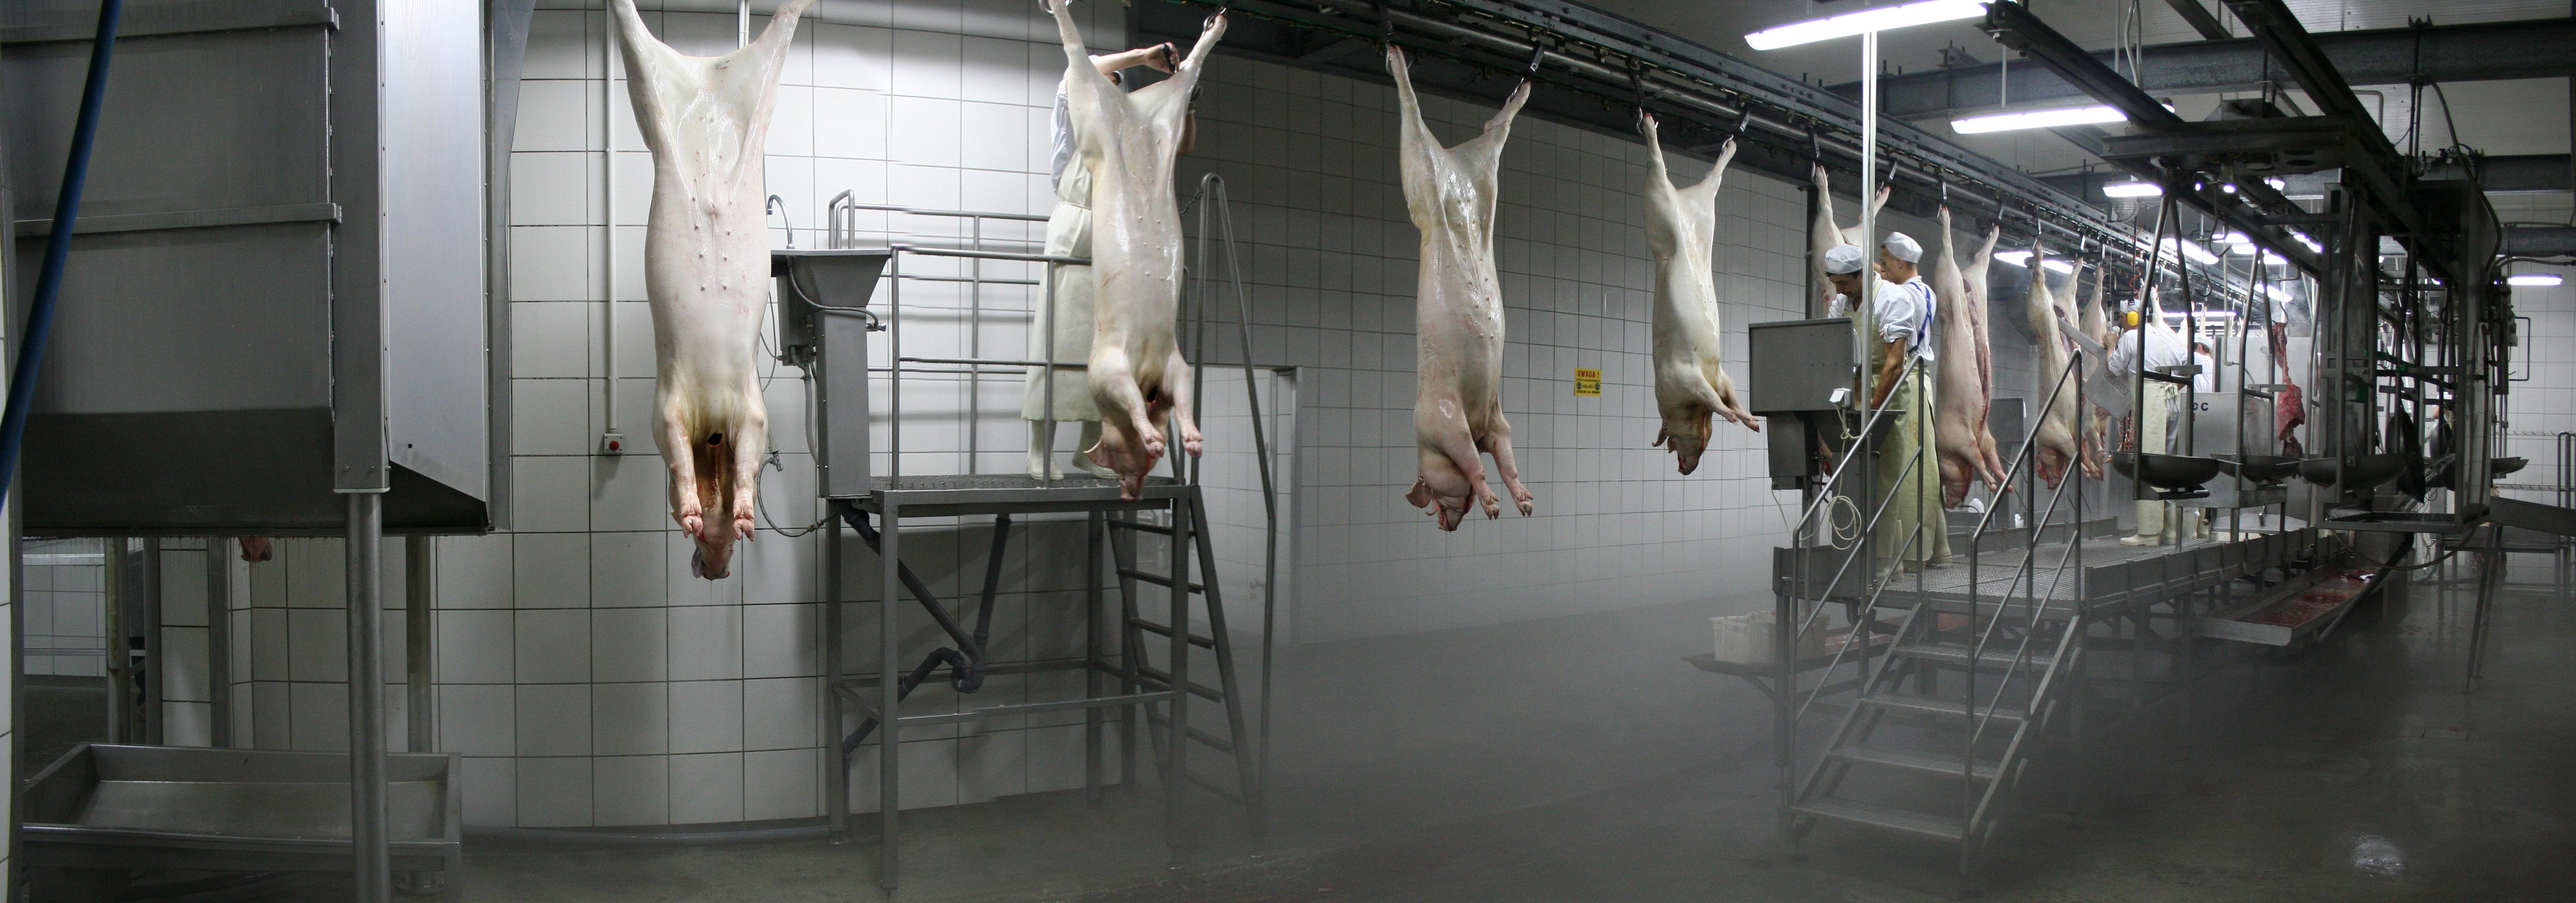 Бойня свиней своими руками